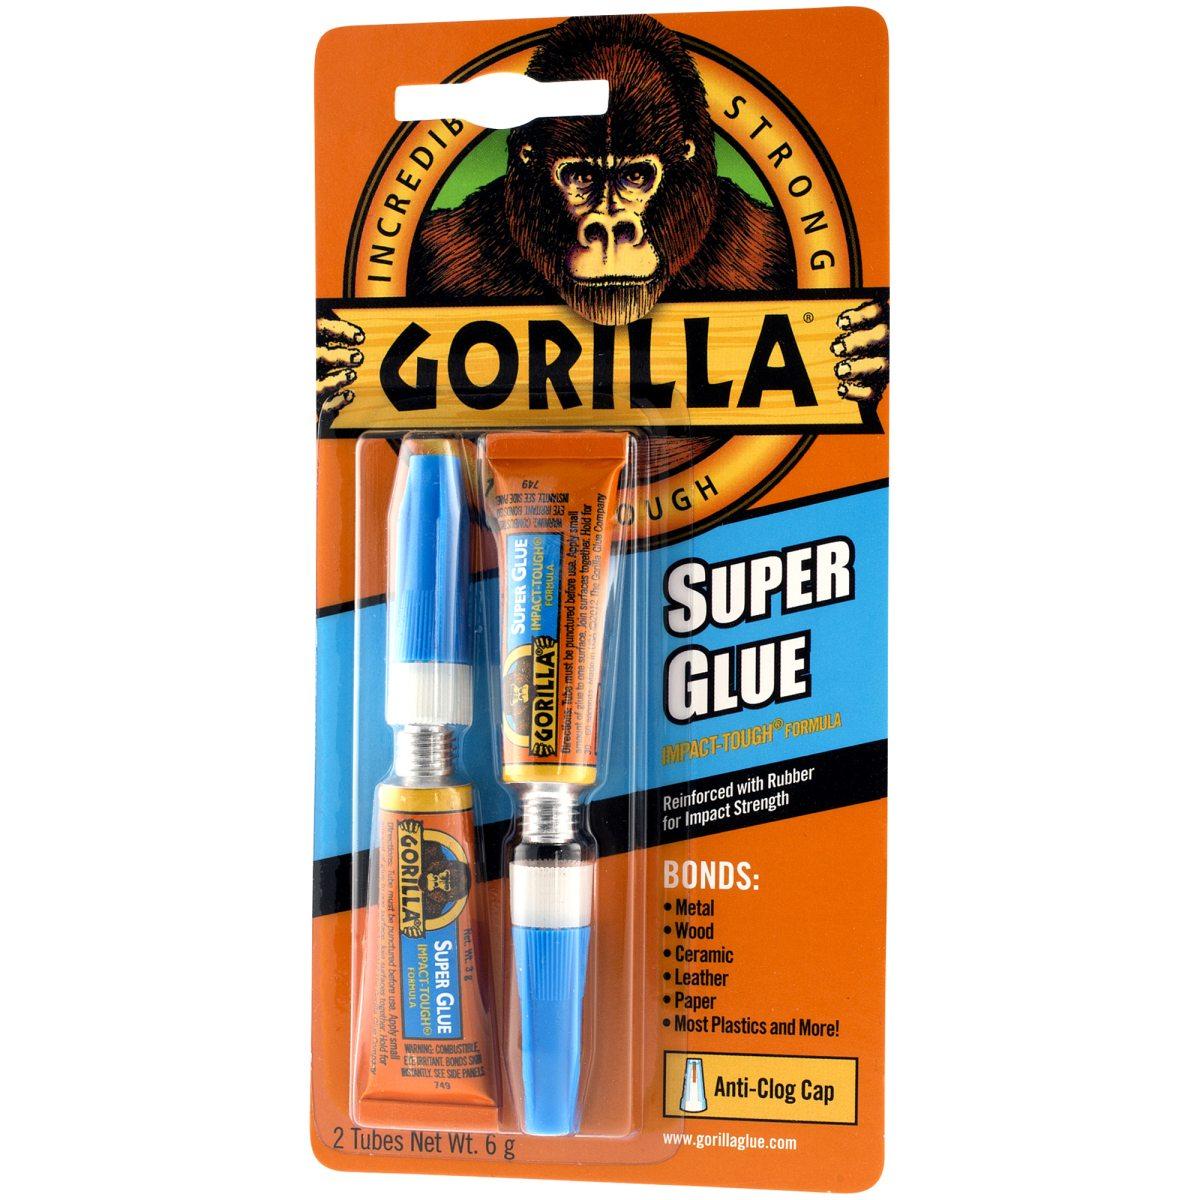 Super Glue 2x3 g.